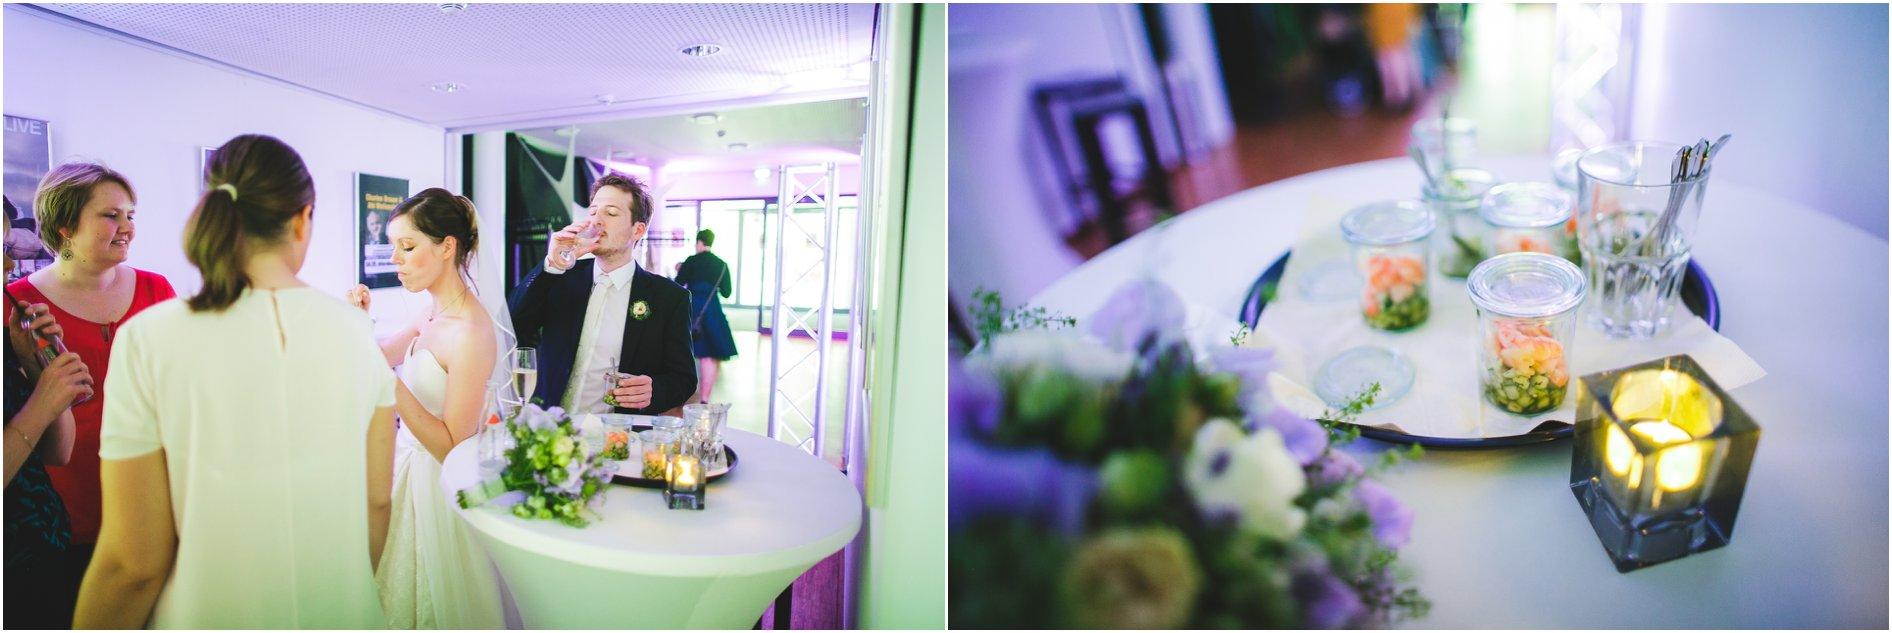 2014-08-07_0070 Wiebke und Marcio - Hochzeitsfotograf in Lüneburg